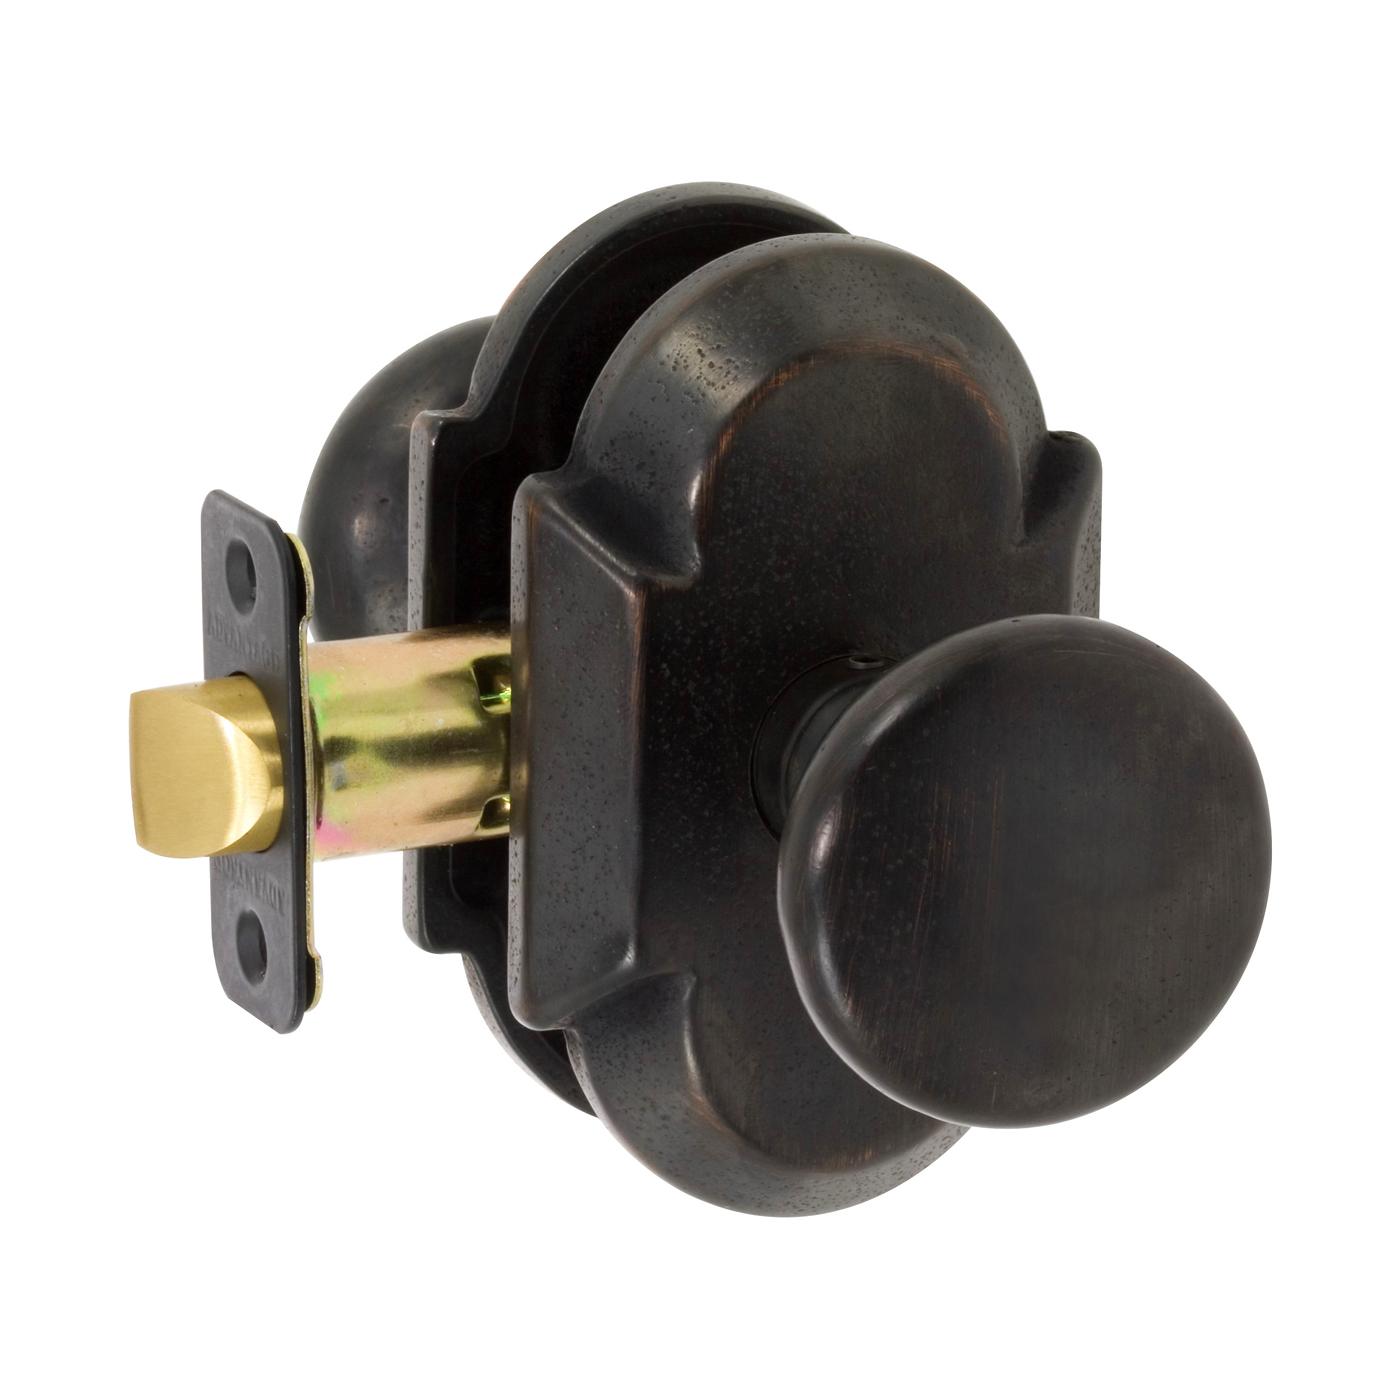 delaney door knobs photo - 9